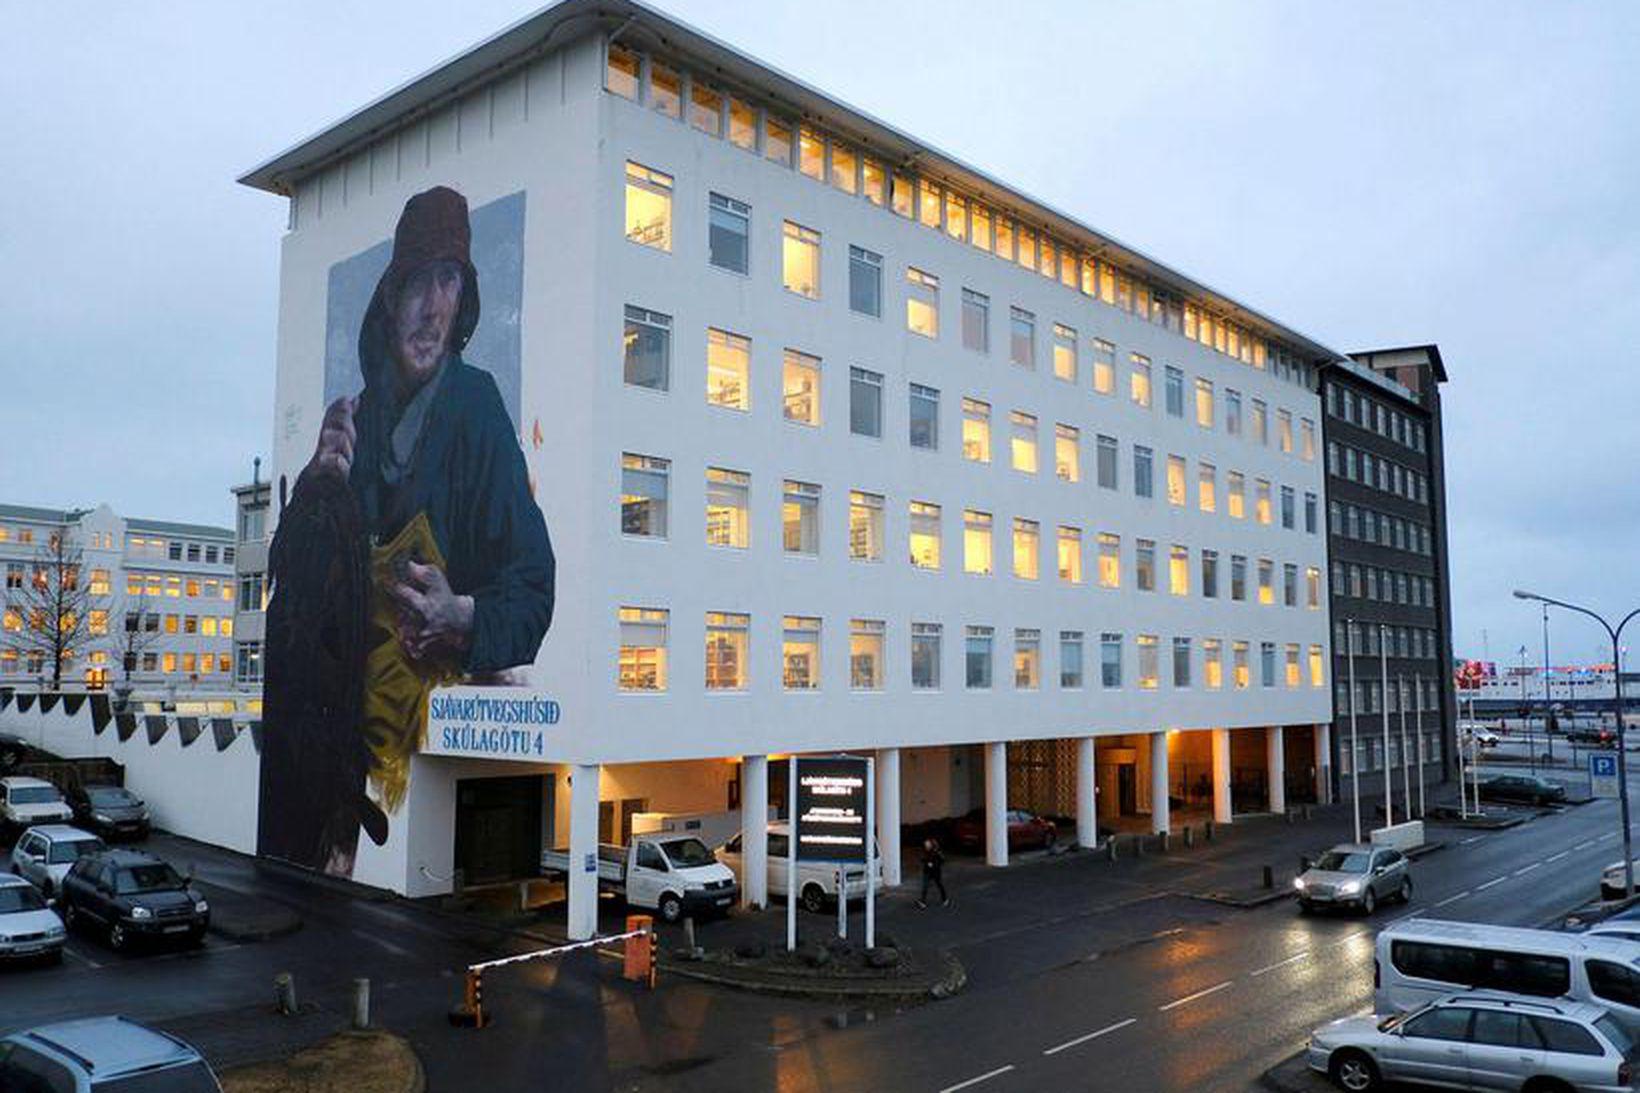 Húsnæði Hafró í Reykjavík.